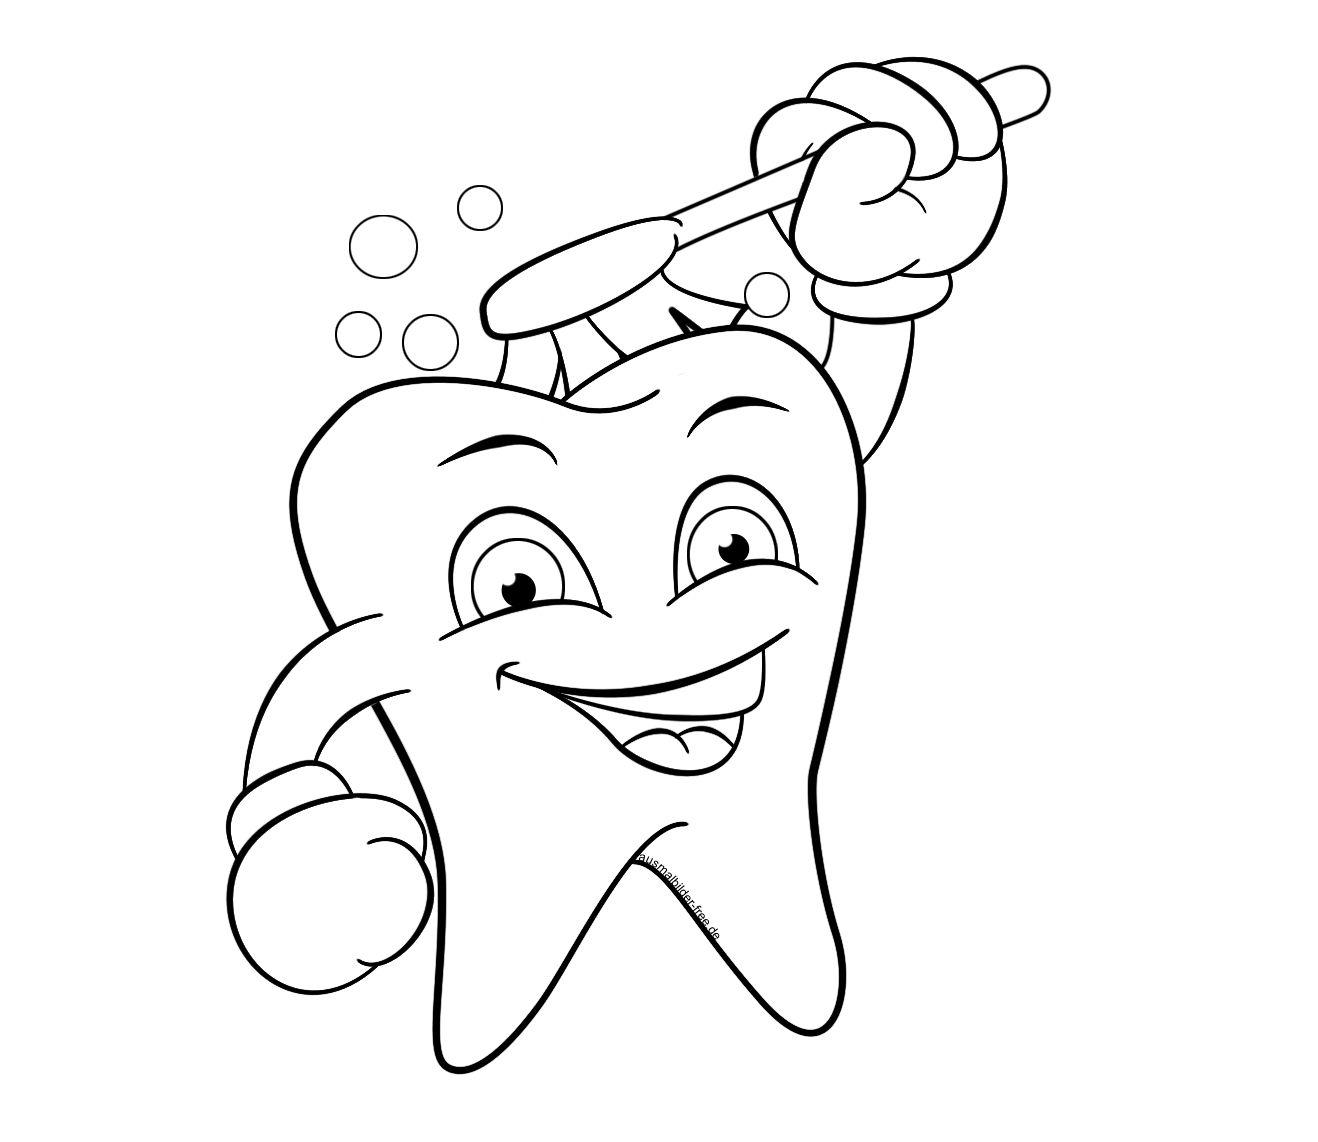 100 Beste Zahn Ausmalbilder Kostenlos zum Ausdrucken - 10Ausmalbilder